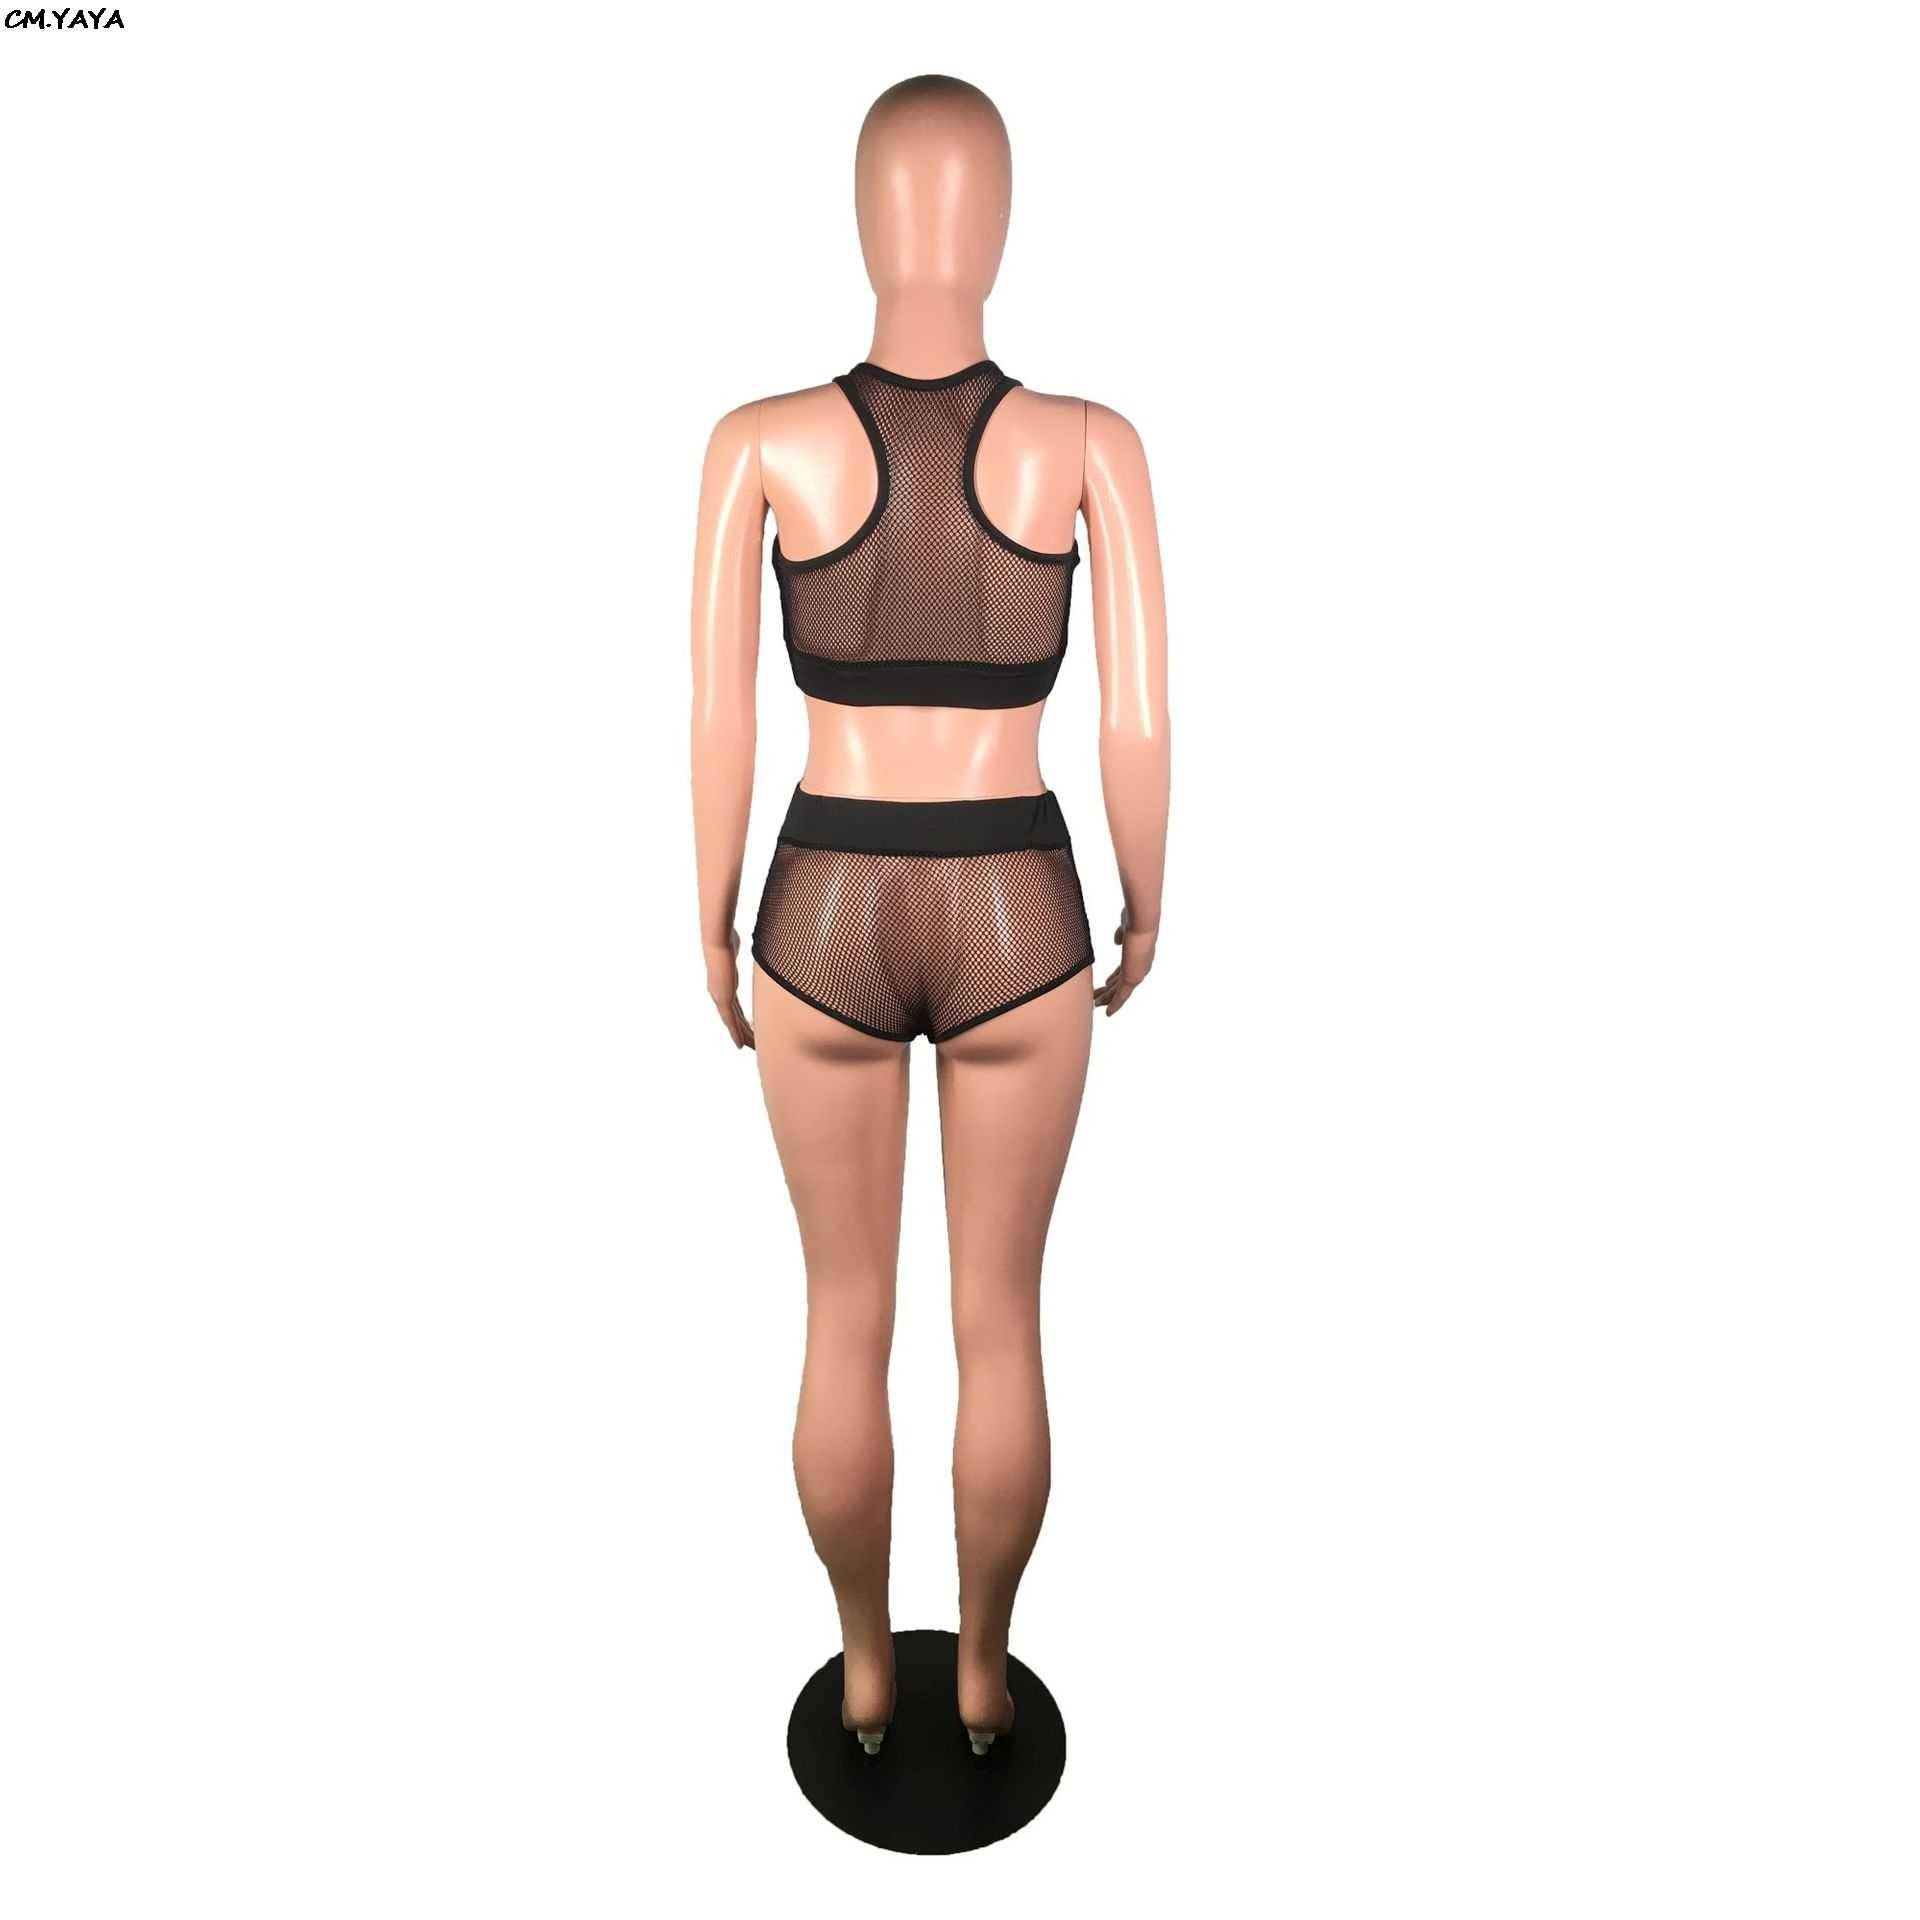 2019 חדש נשים קיץ גזה רשת רשת לראות אם כי גופייה טי מכנסי חליפת 2 pcs סט חוף אימונית תלבושת 2 צבע YZ1025